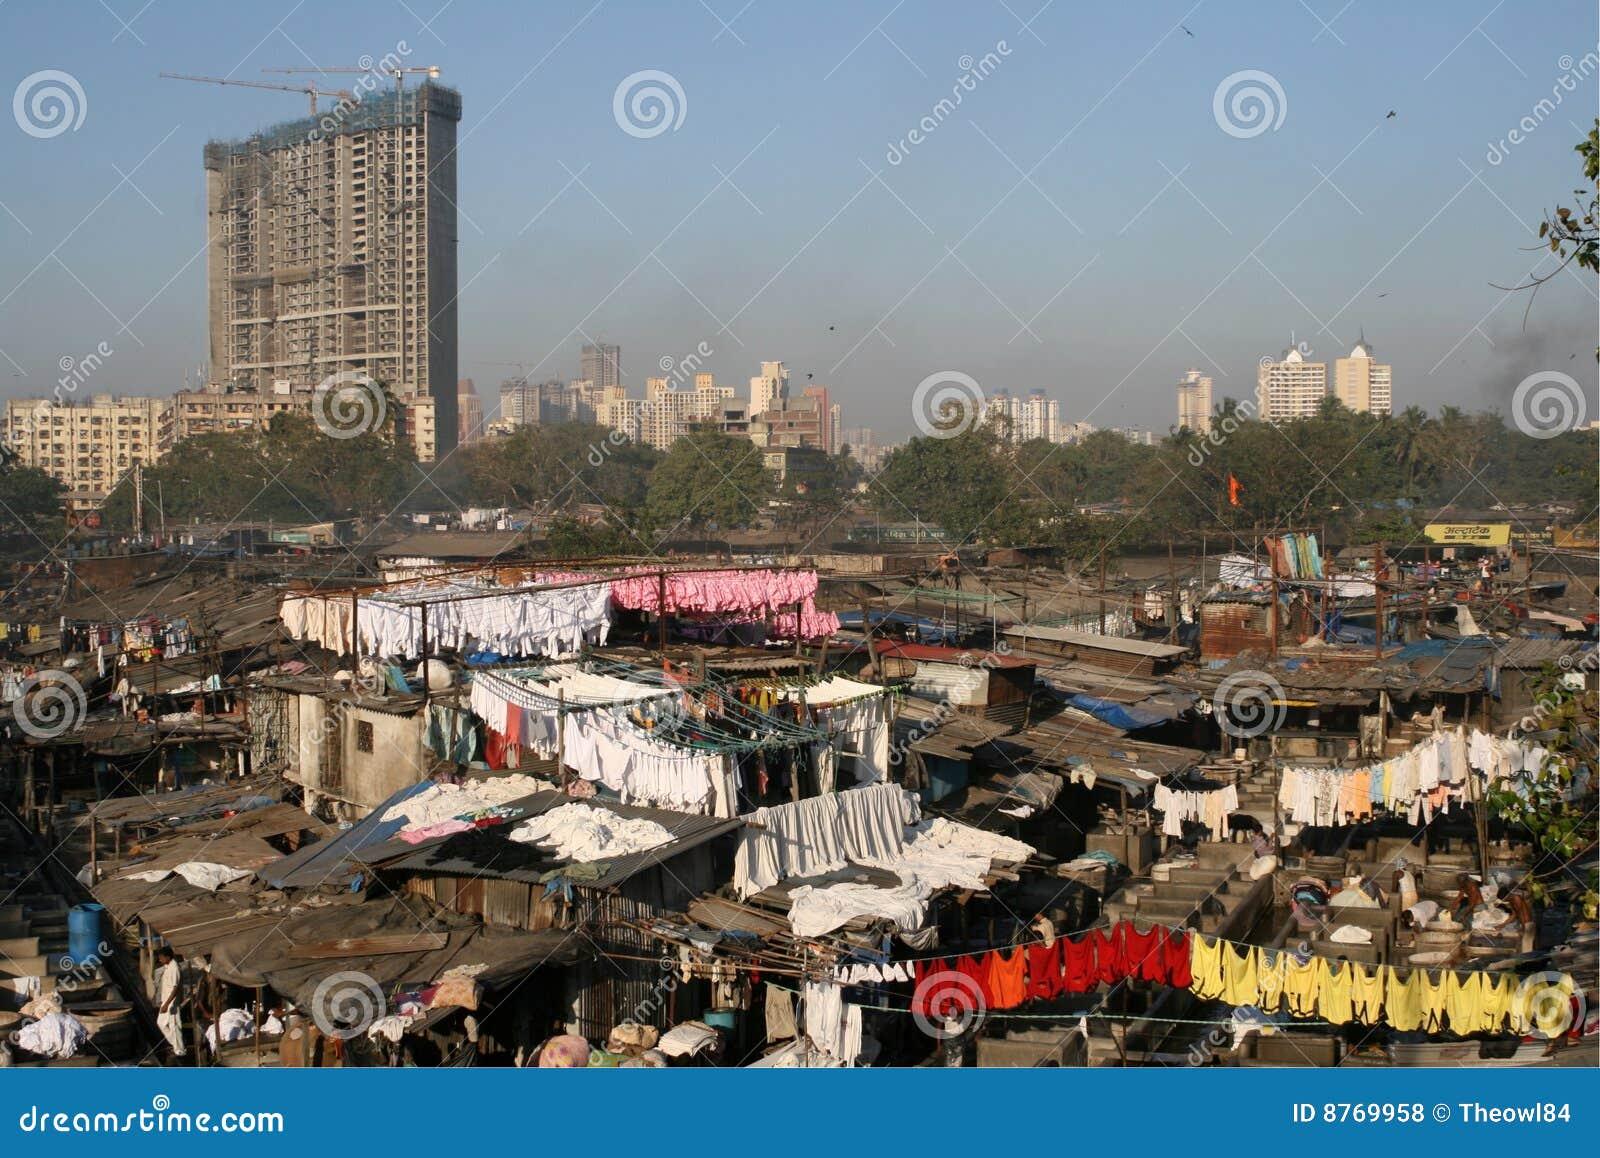 Dhobi Ghats, Mumbai